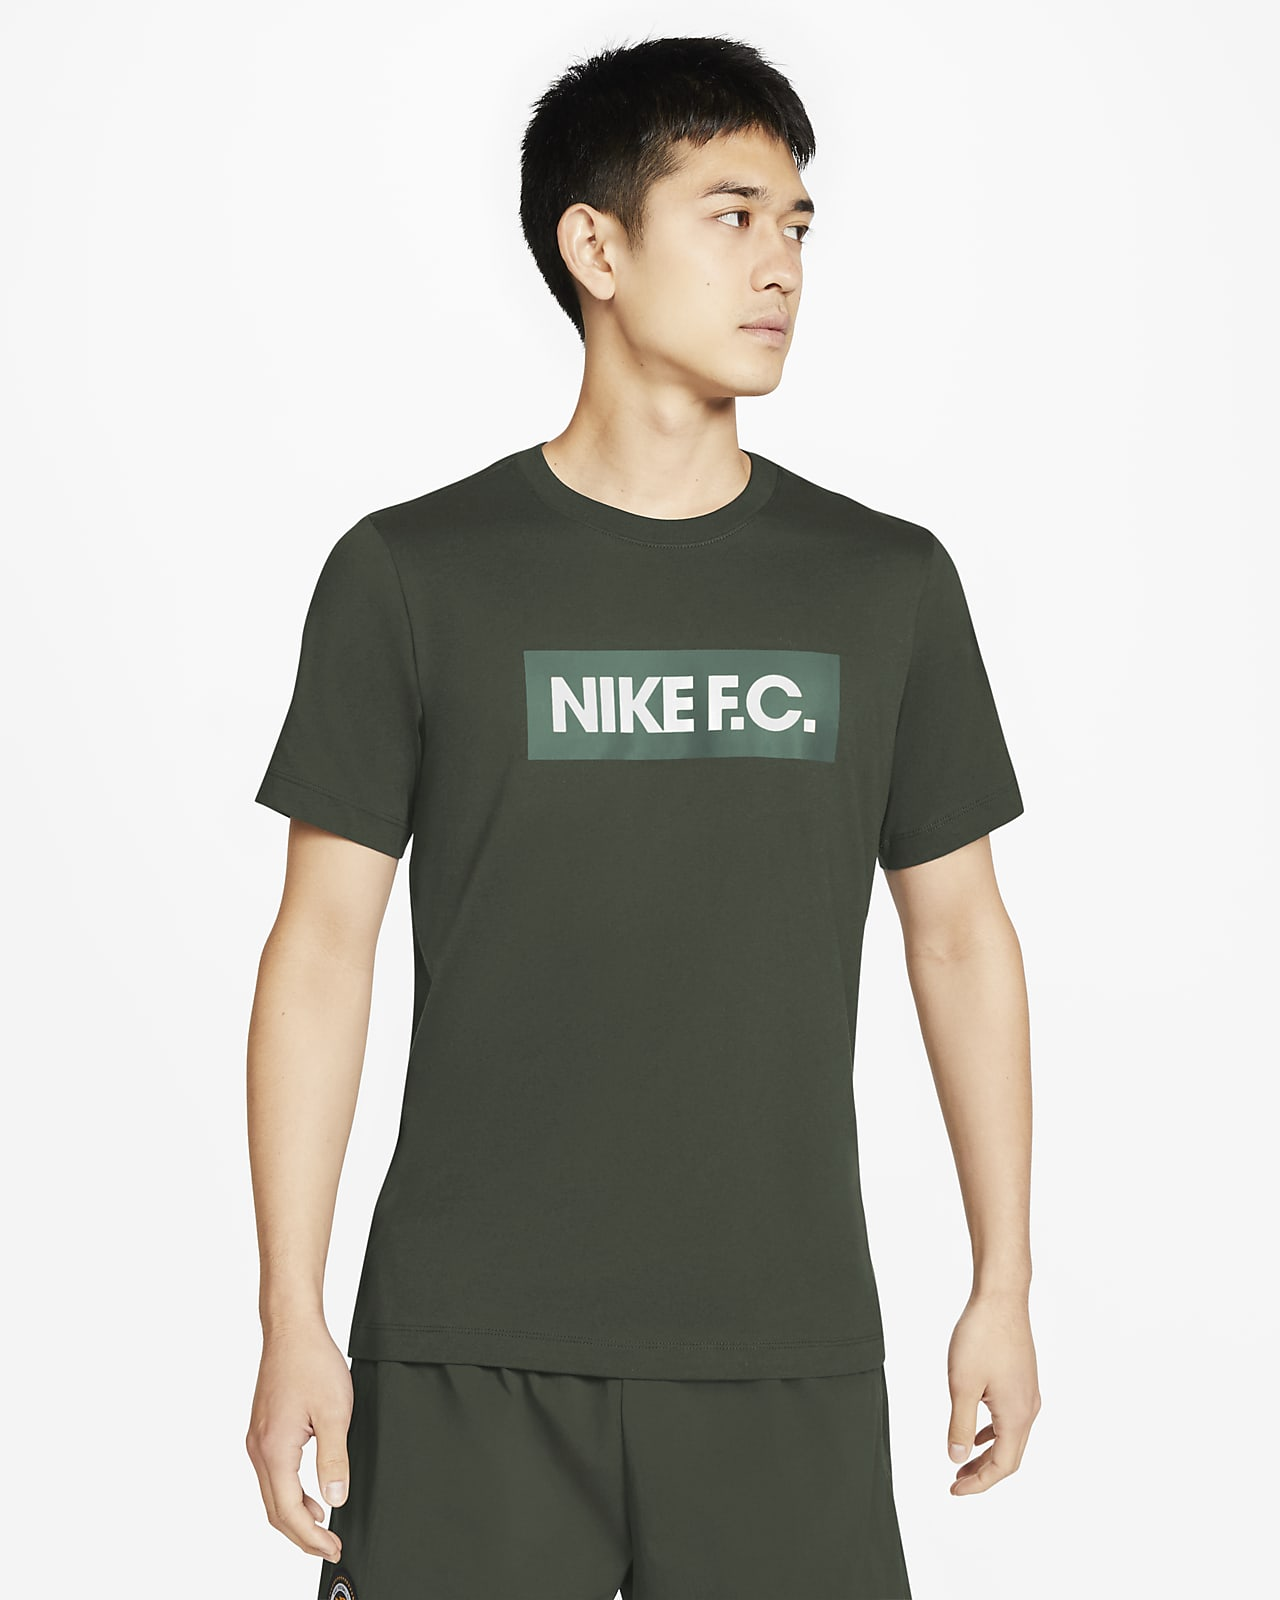 Nike F.C. SE11 Men's Soccer T-Shirt